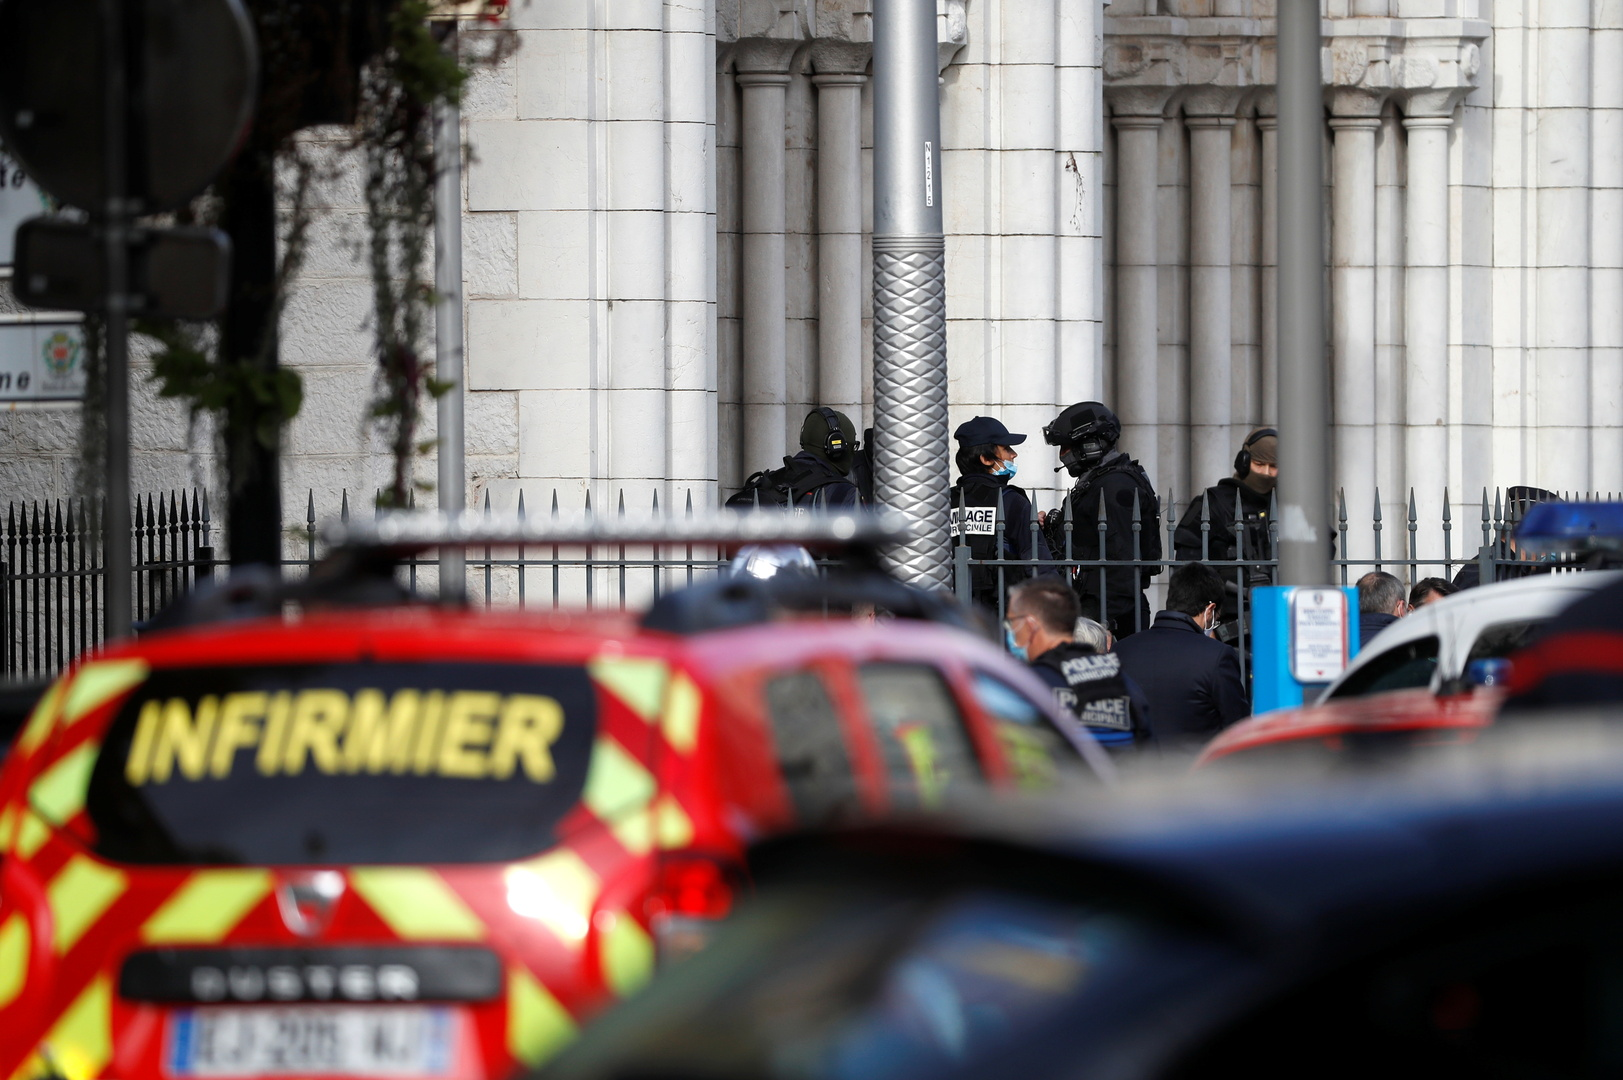 مصدر بالشرطة الفرنسية يتحدث عن قطع رأس امرأة بعد هجوم الطعن في نيس